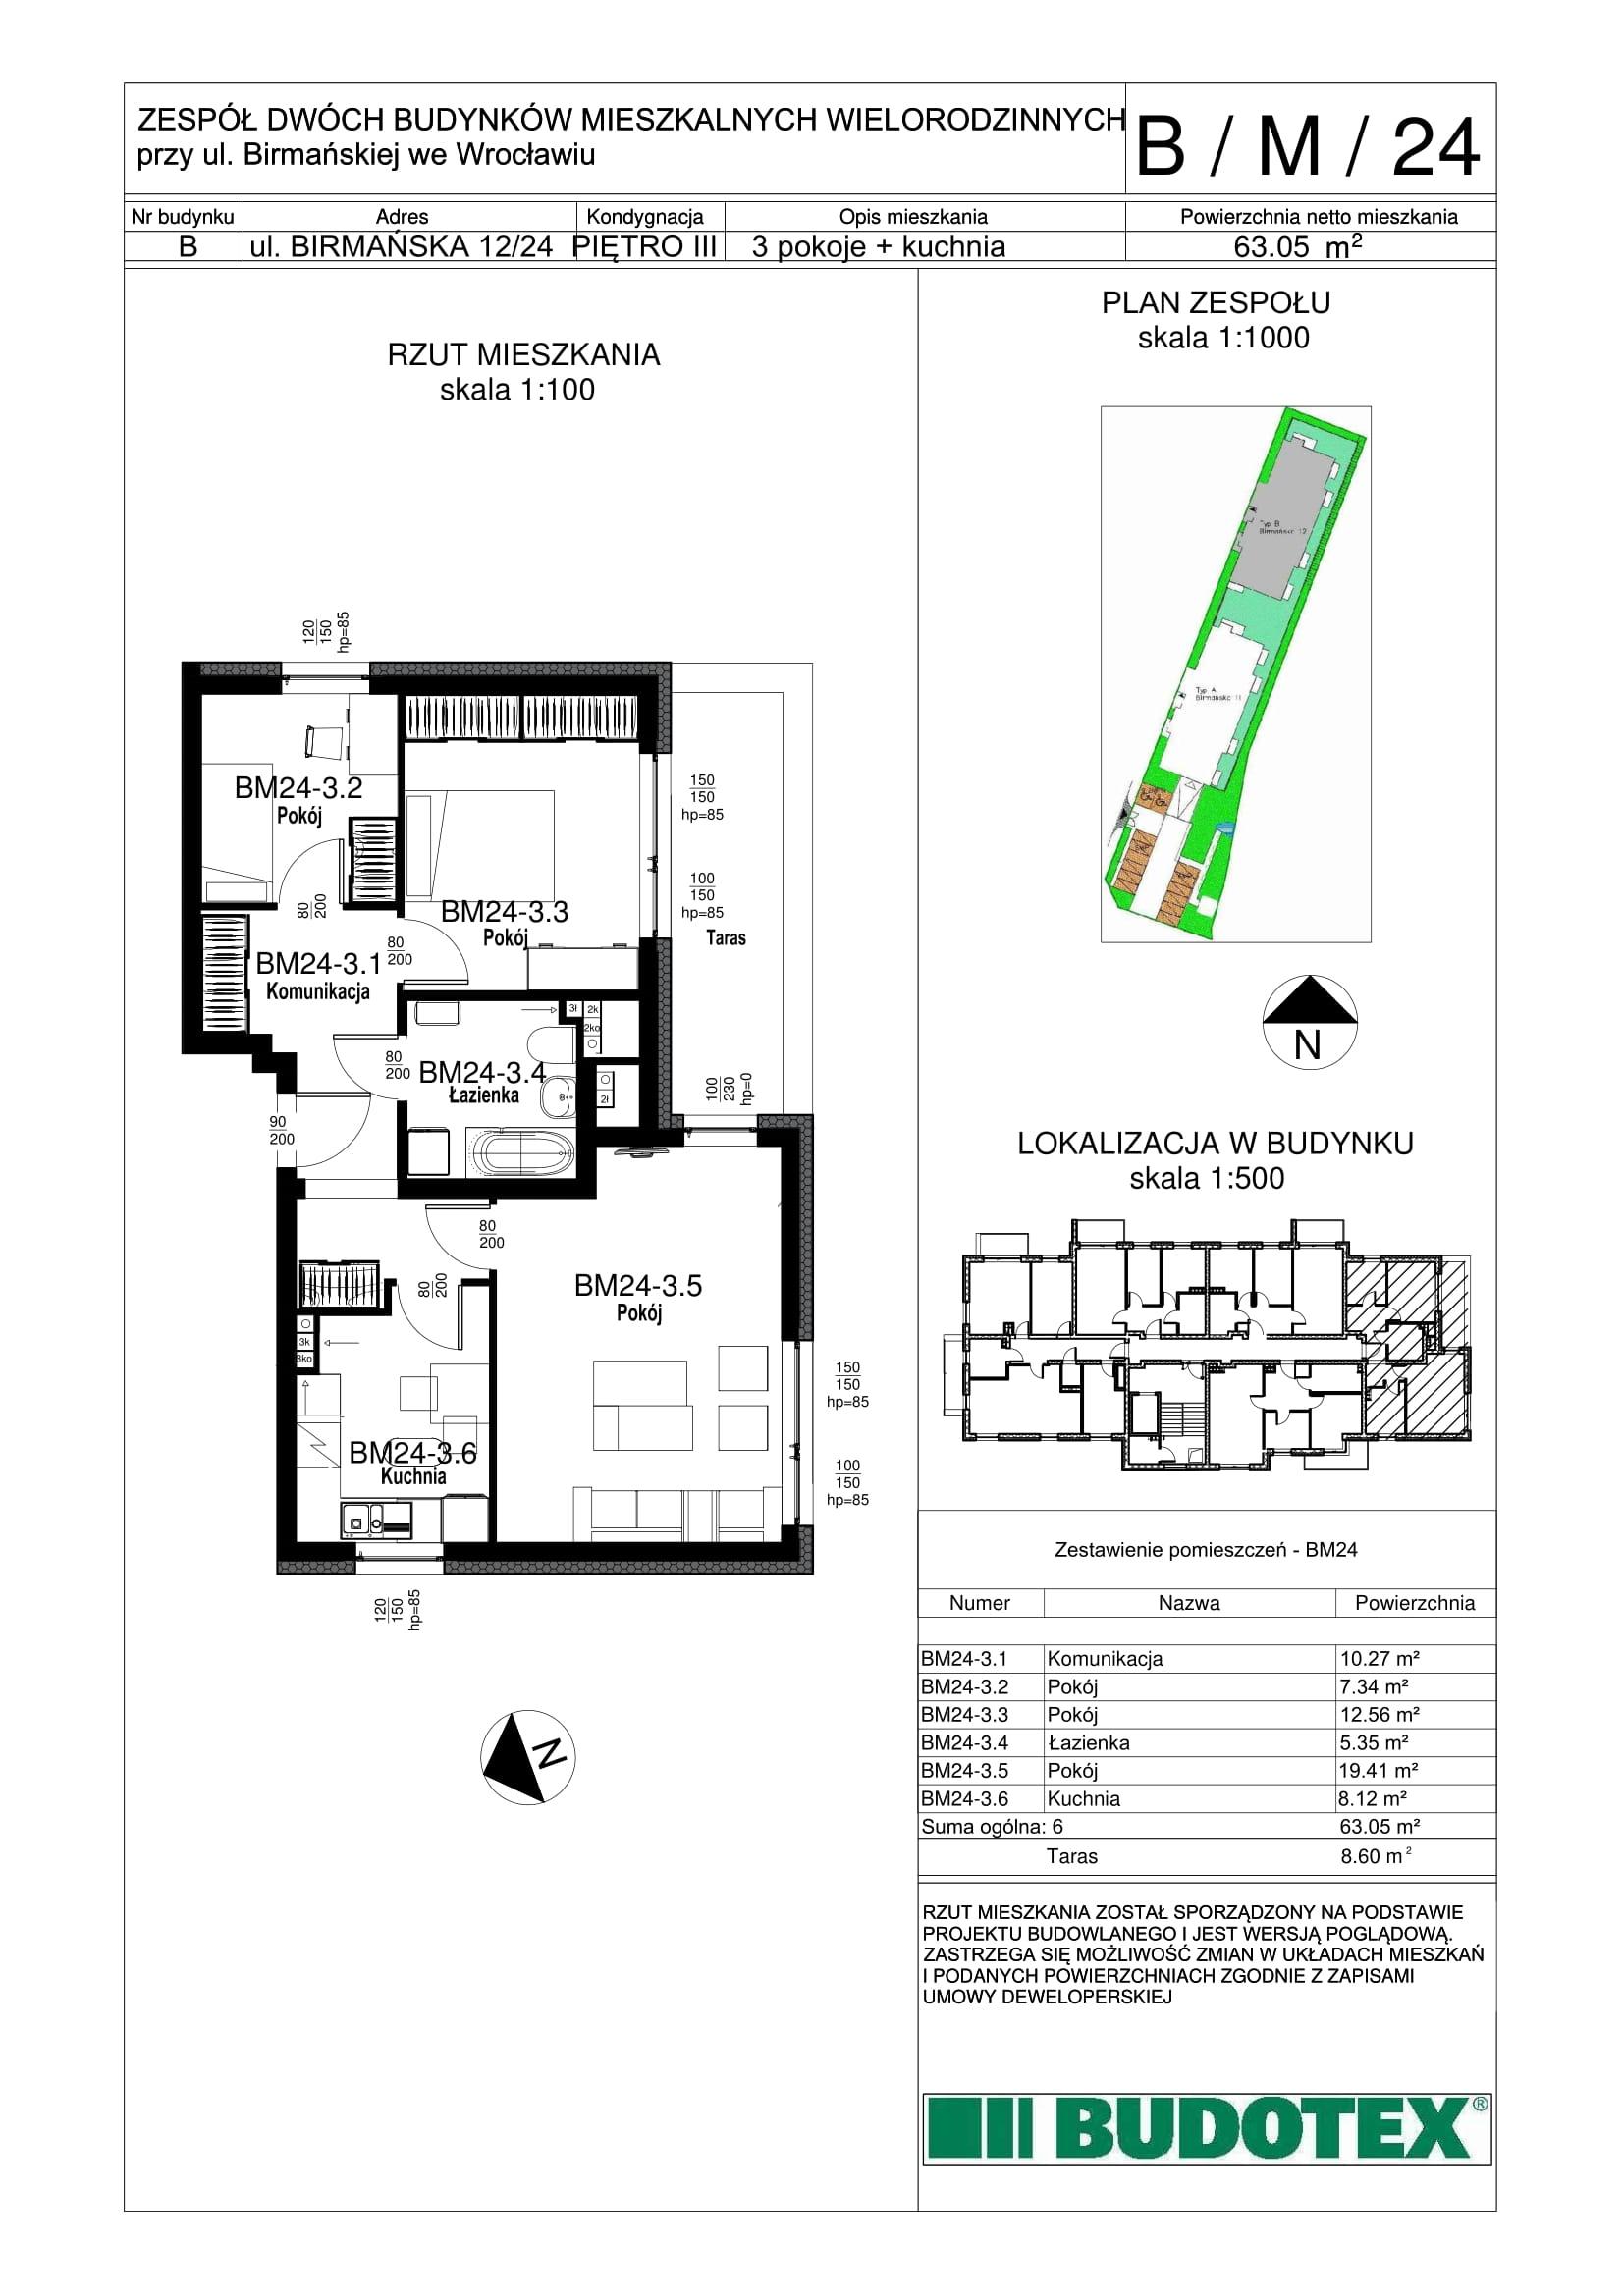 Mieszkanie nr B/M/24